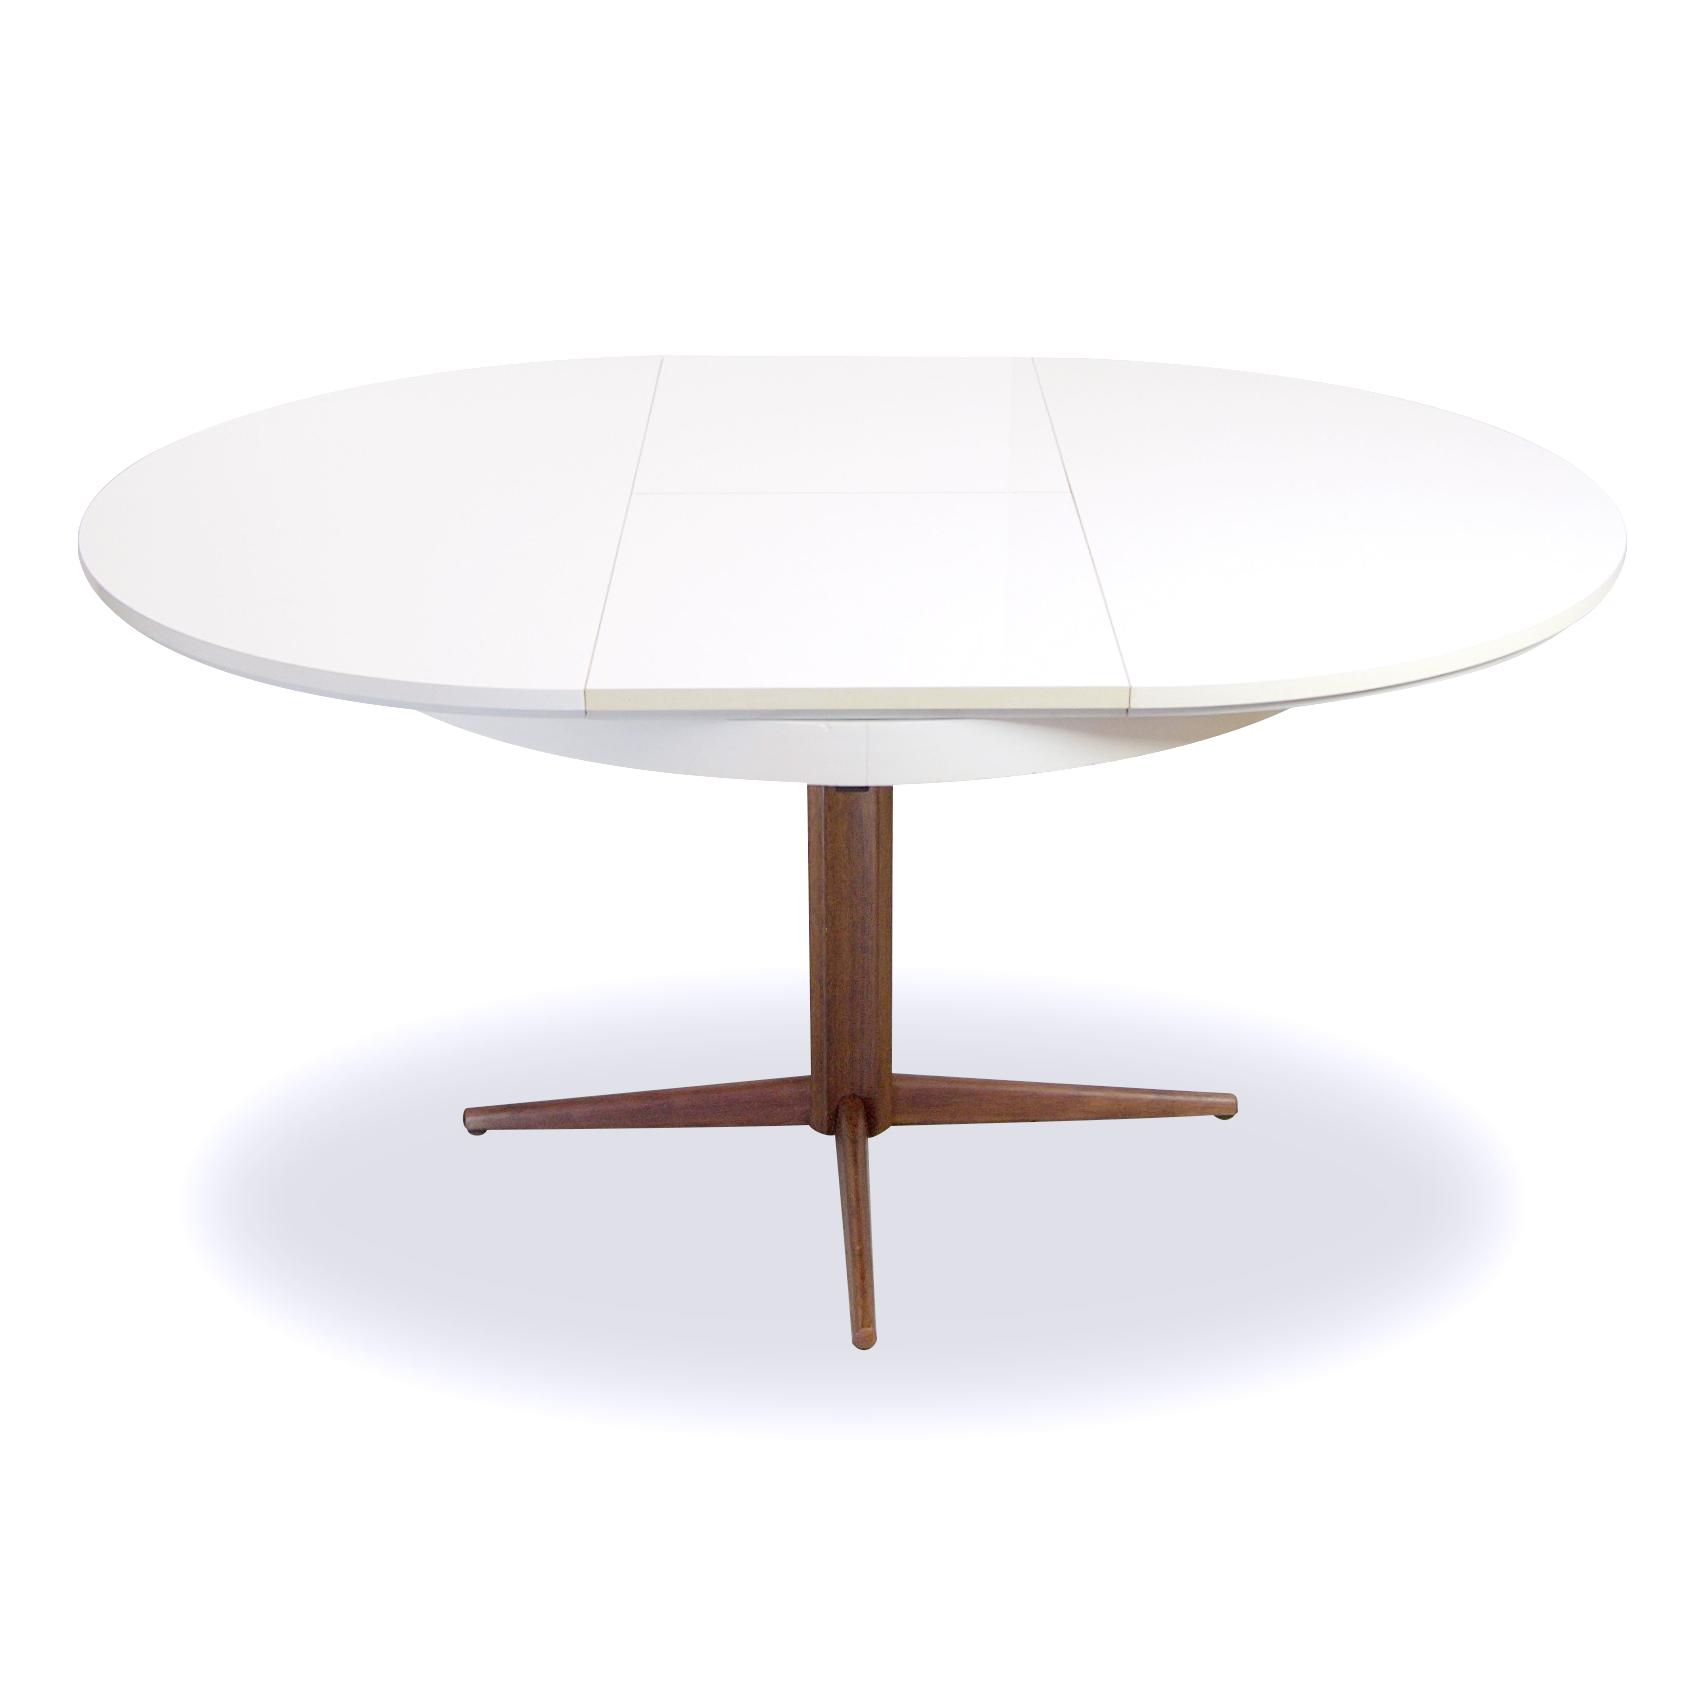 Ronde eettafel uitschuifbaar goedkope meubels goedkope